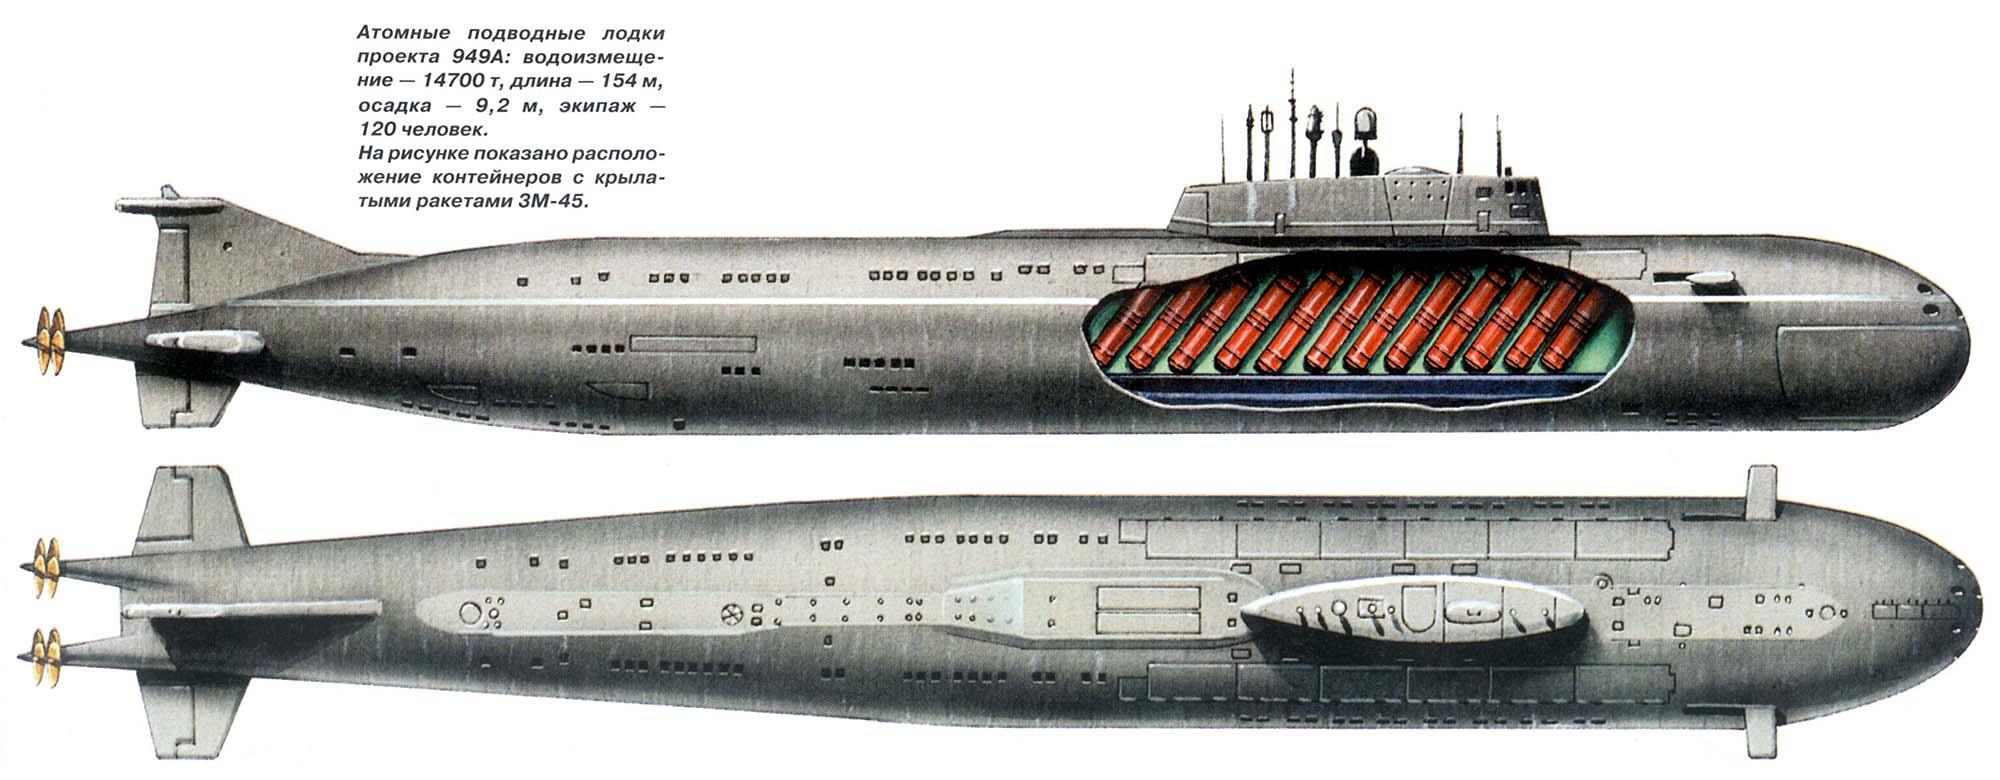 유용원의 군사세계 > 해상무기, 잠수함